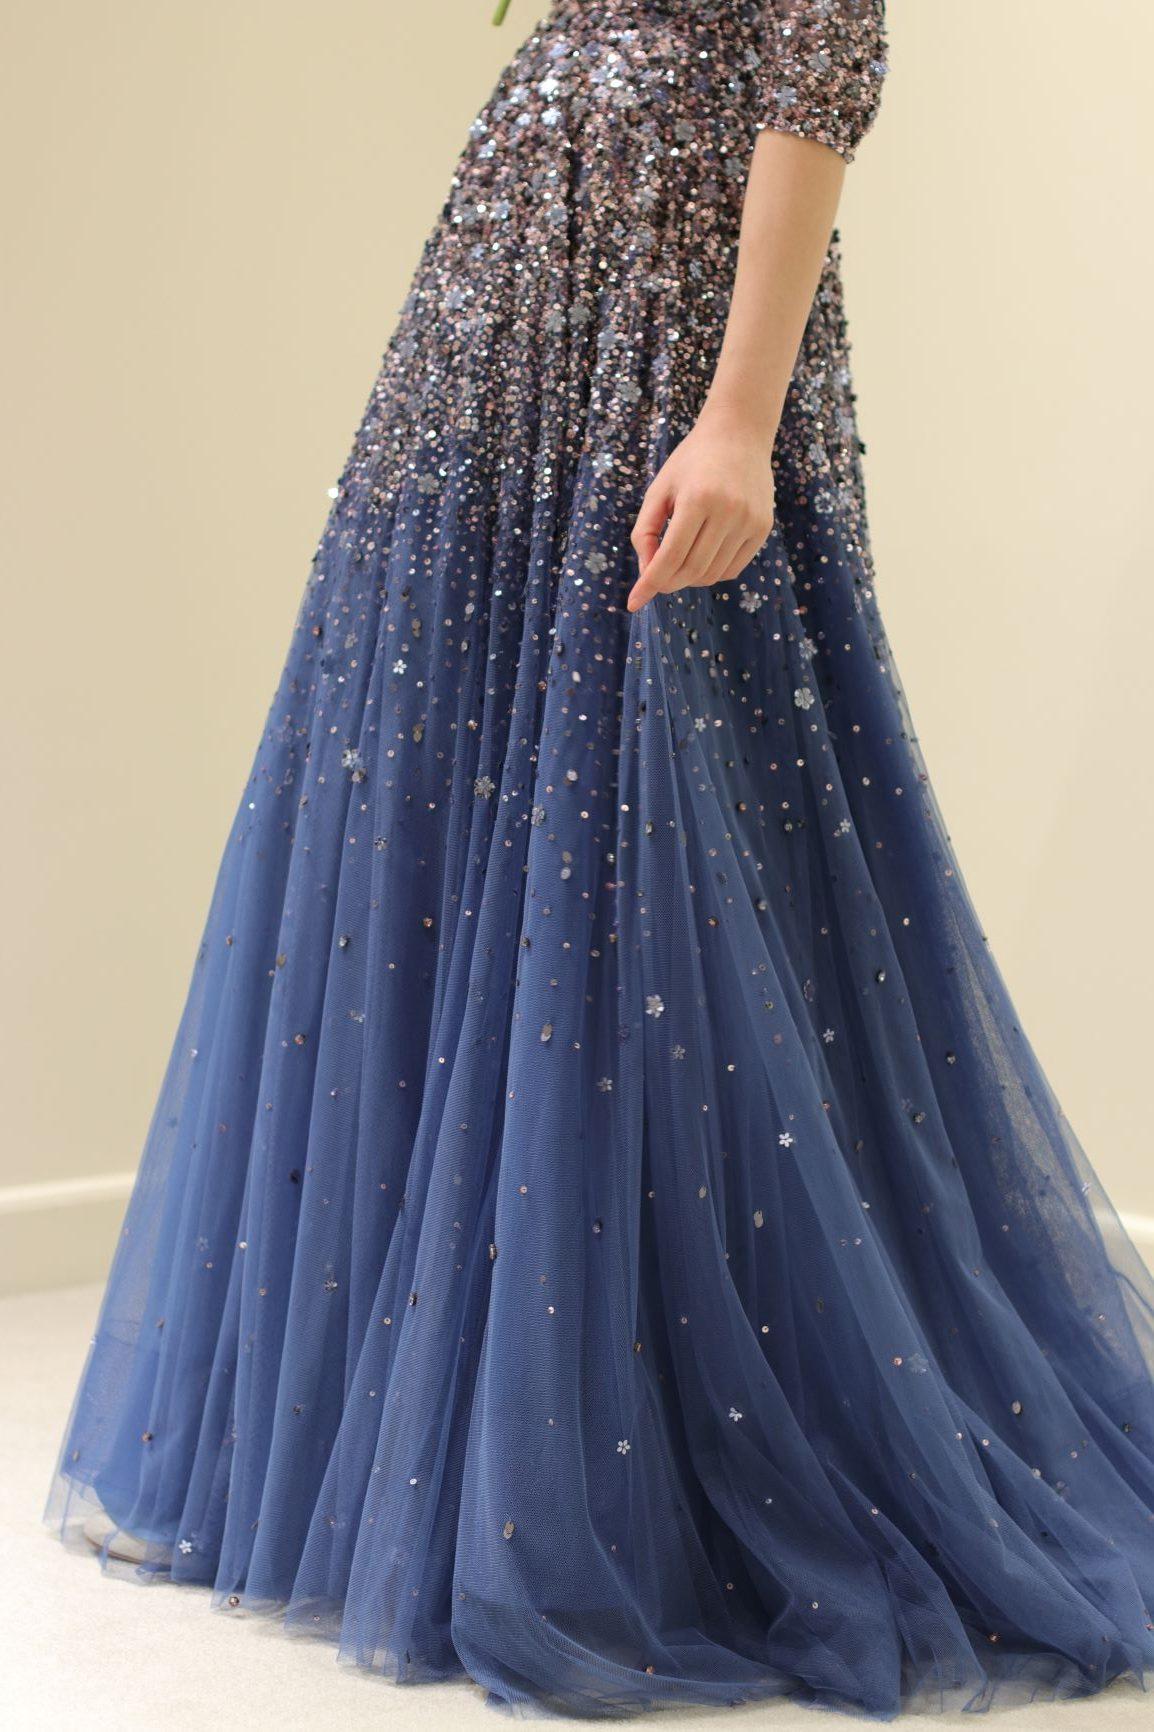 都内のホテルウエディングや、ガーデンウェディングにもおすすめなキラキラのビジューが特徴的なジェニーパッカムのAラインのドレスをご紹介